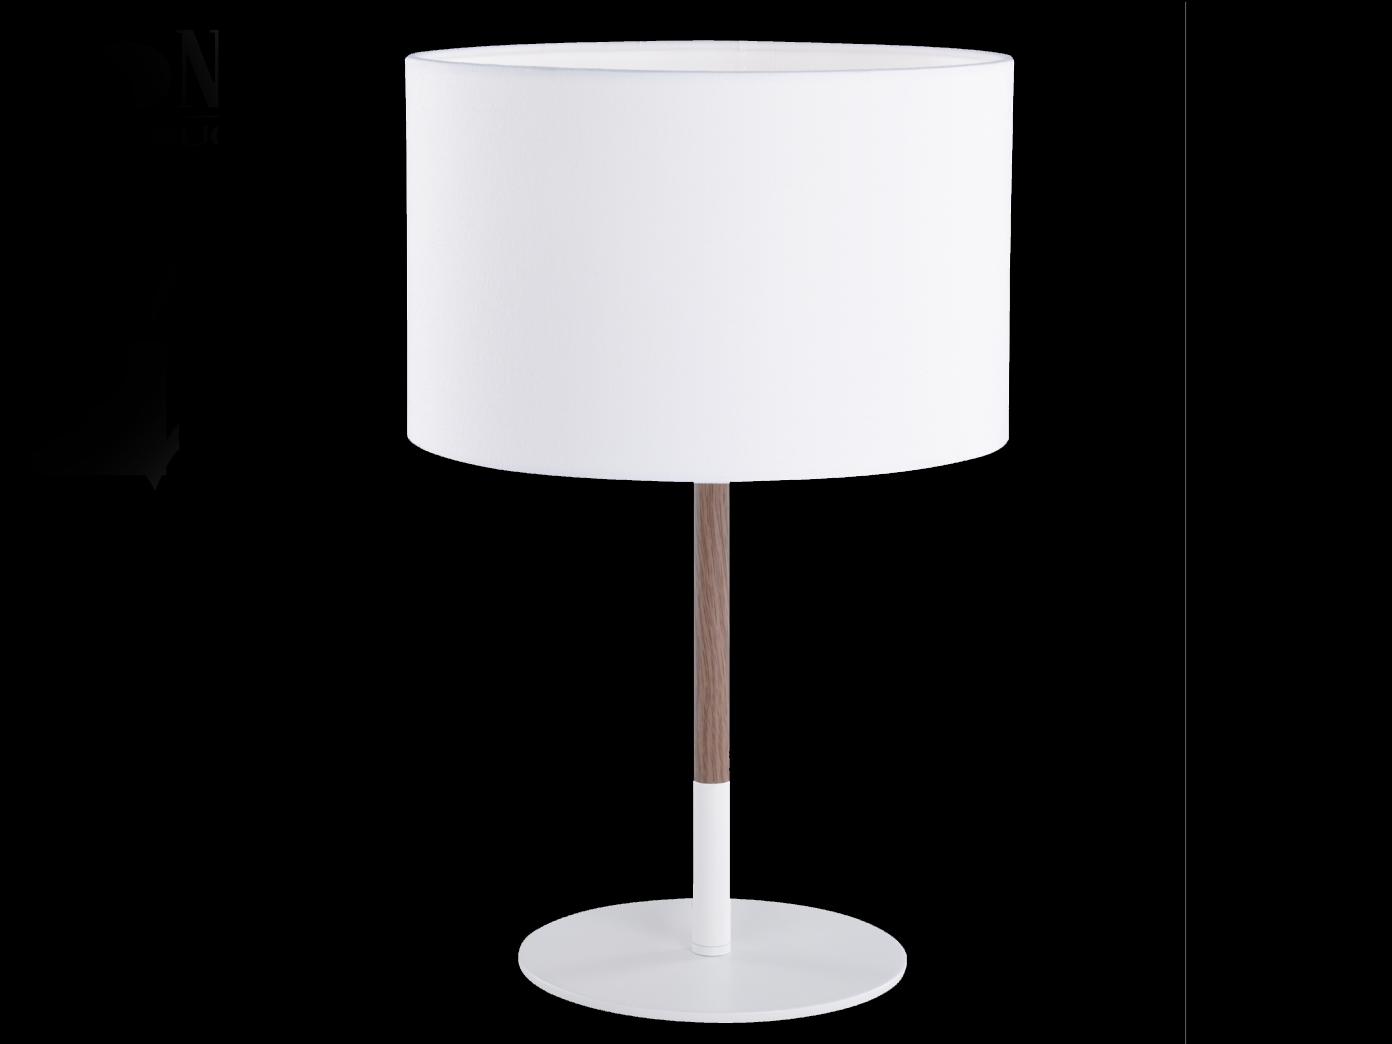 Schön Moderne Tischlampen Foto Von Edle-design-tischleuchte-mit-stoffschirm-weiss-holzfarbig-moderne-